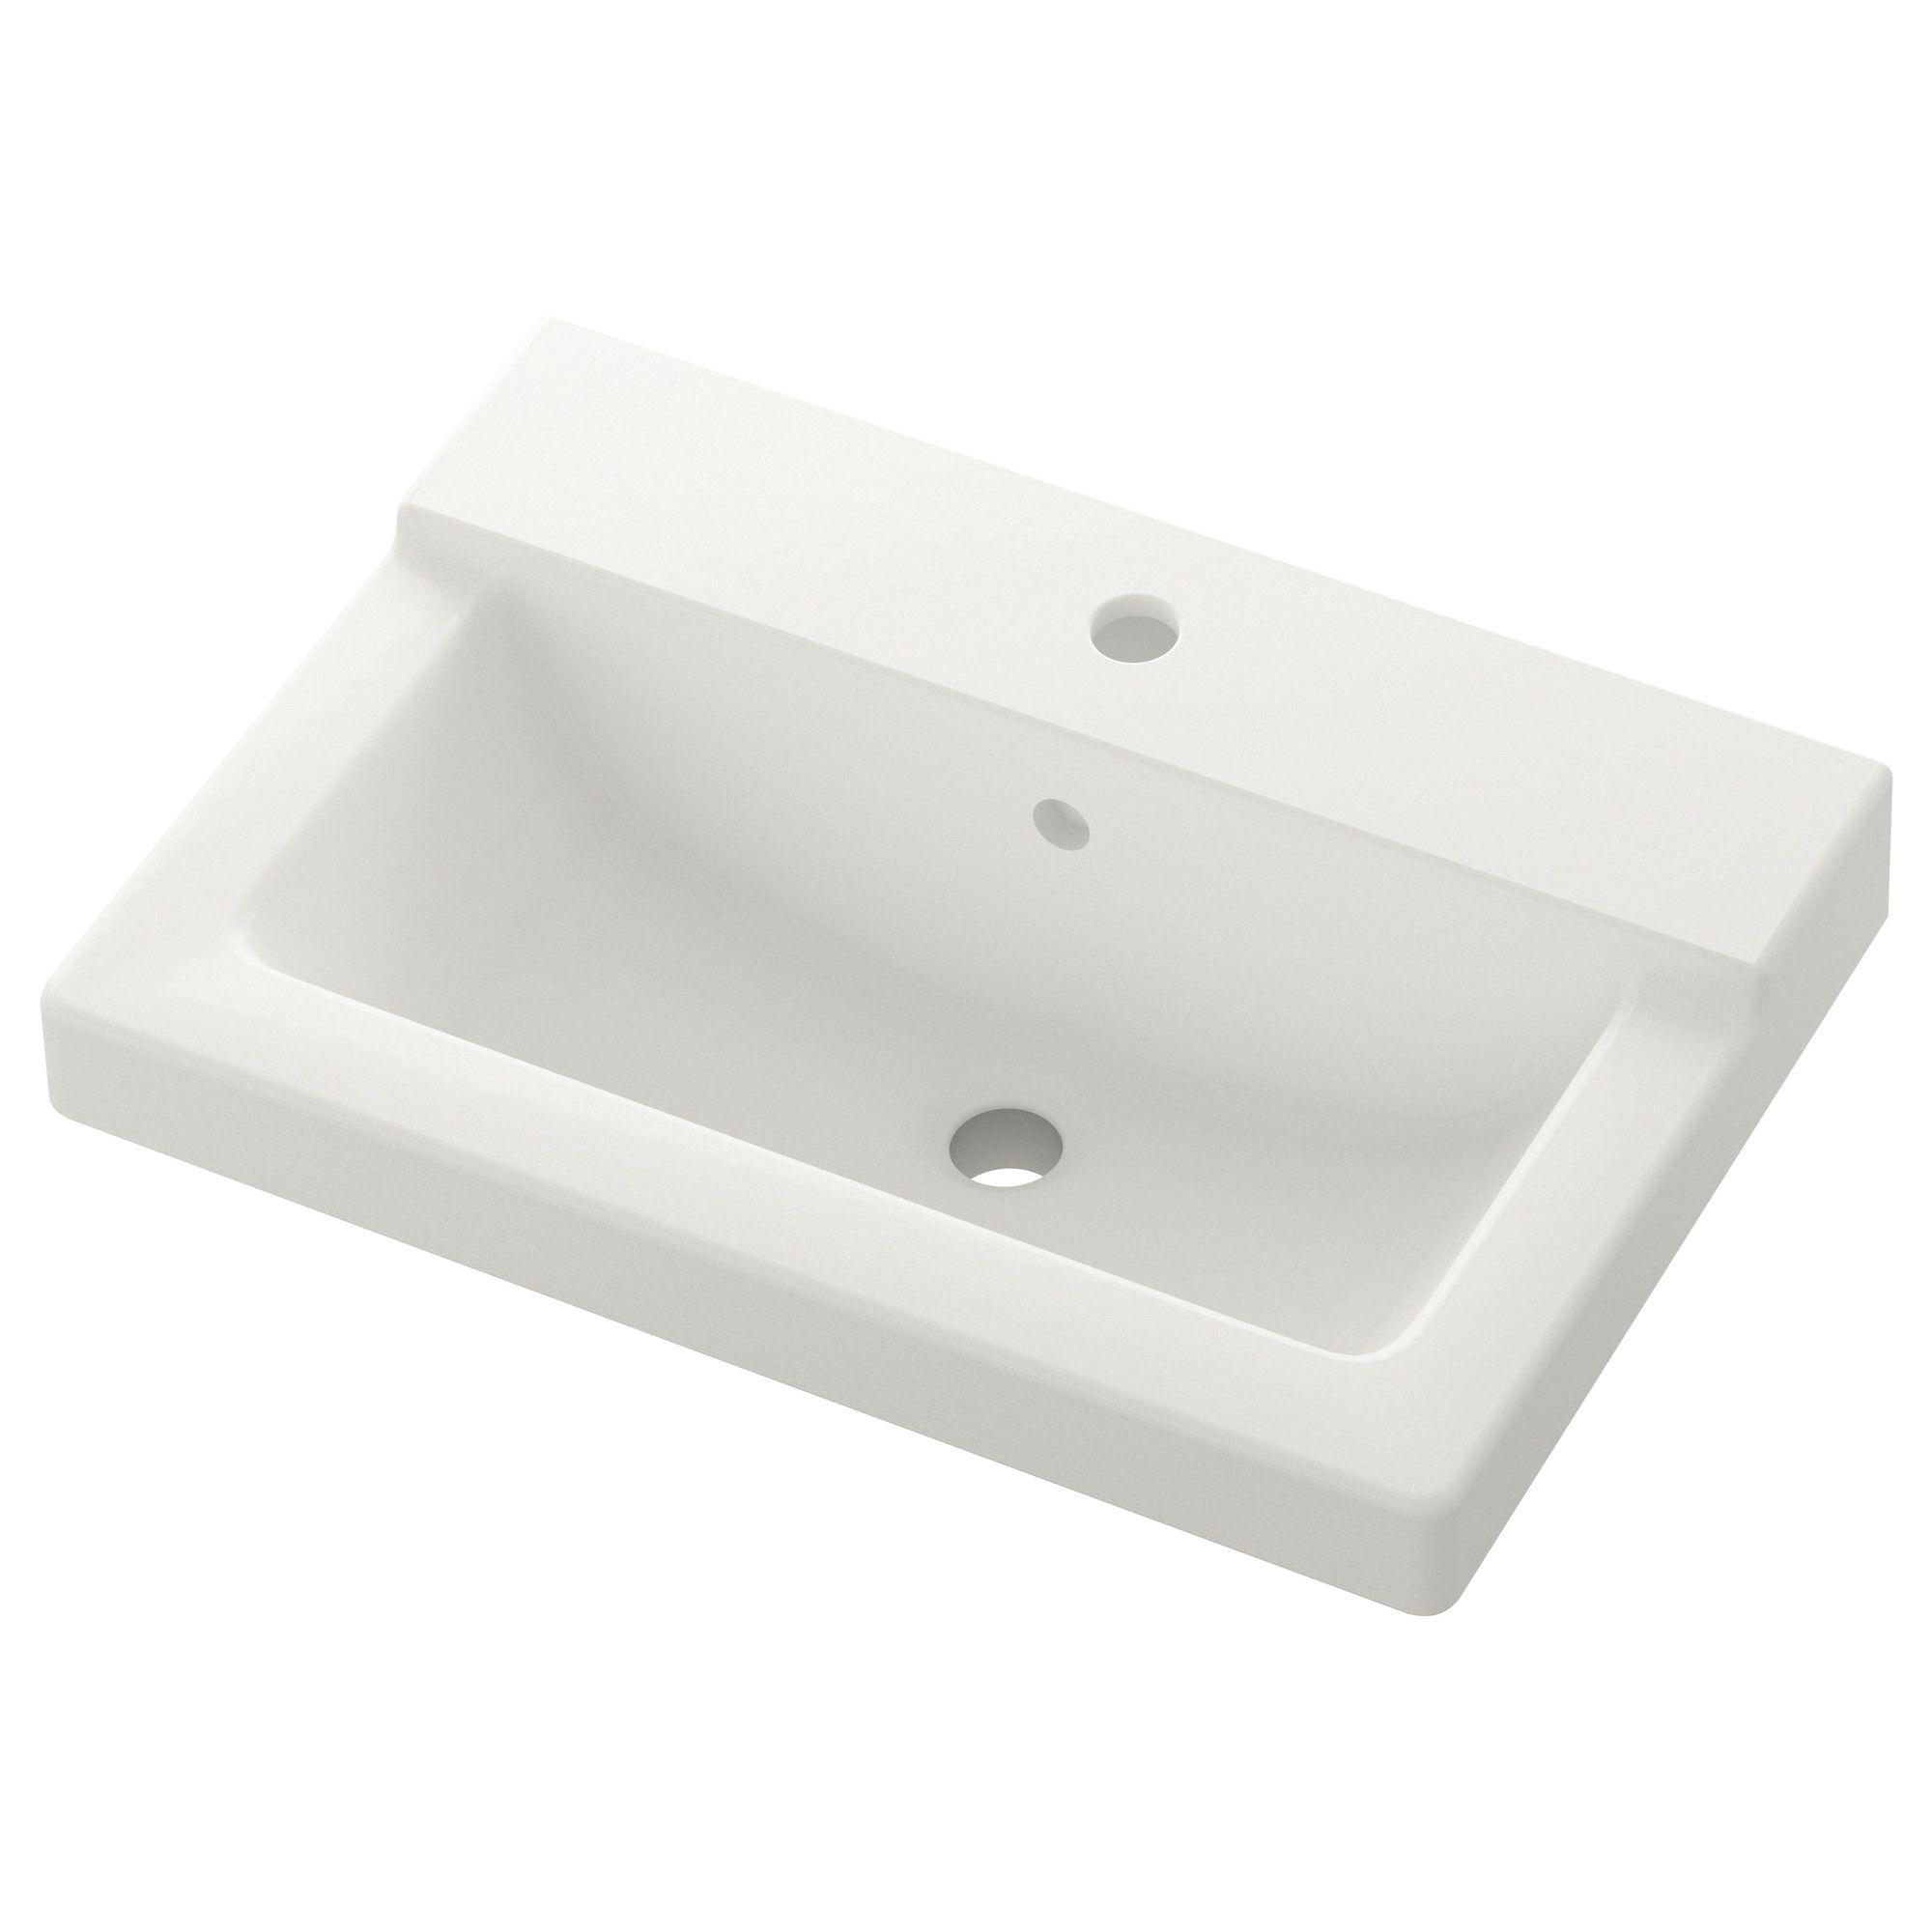 tÄlleviken single wash-basin   waschbecken, ikea und schüsseln, Hause ideen